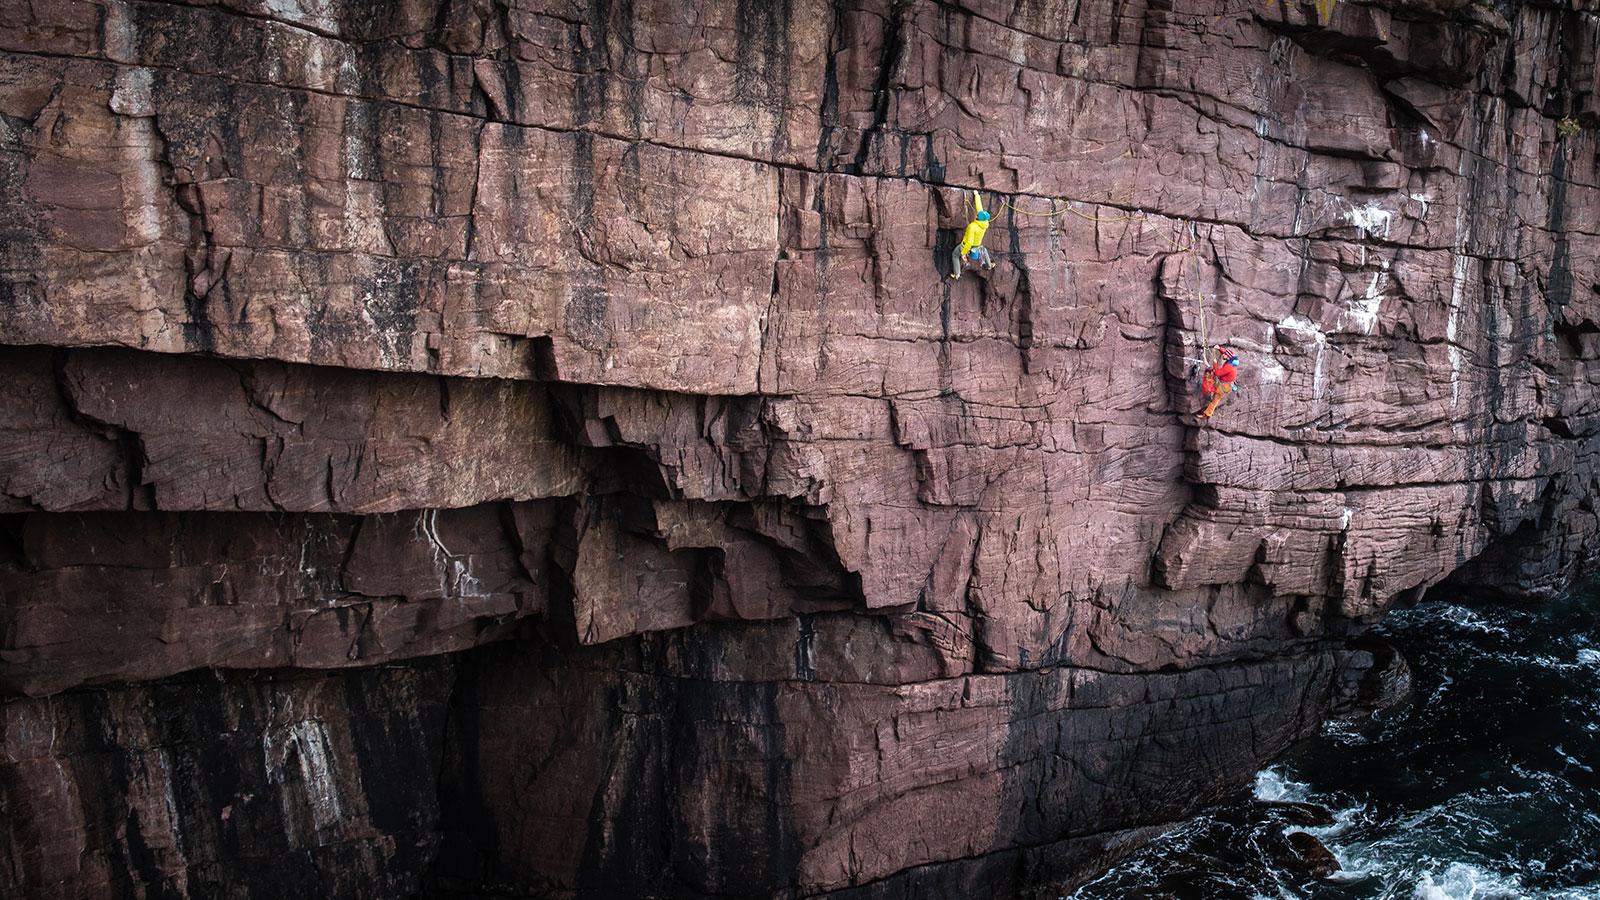 Festhalten. Klettern in Schottland | Pauli Trenkwalder, Berge & Psychologie